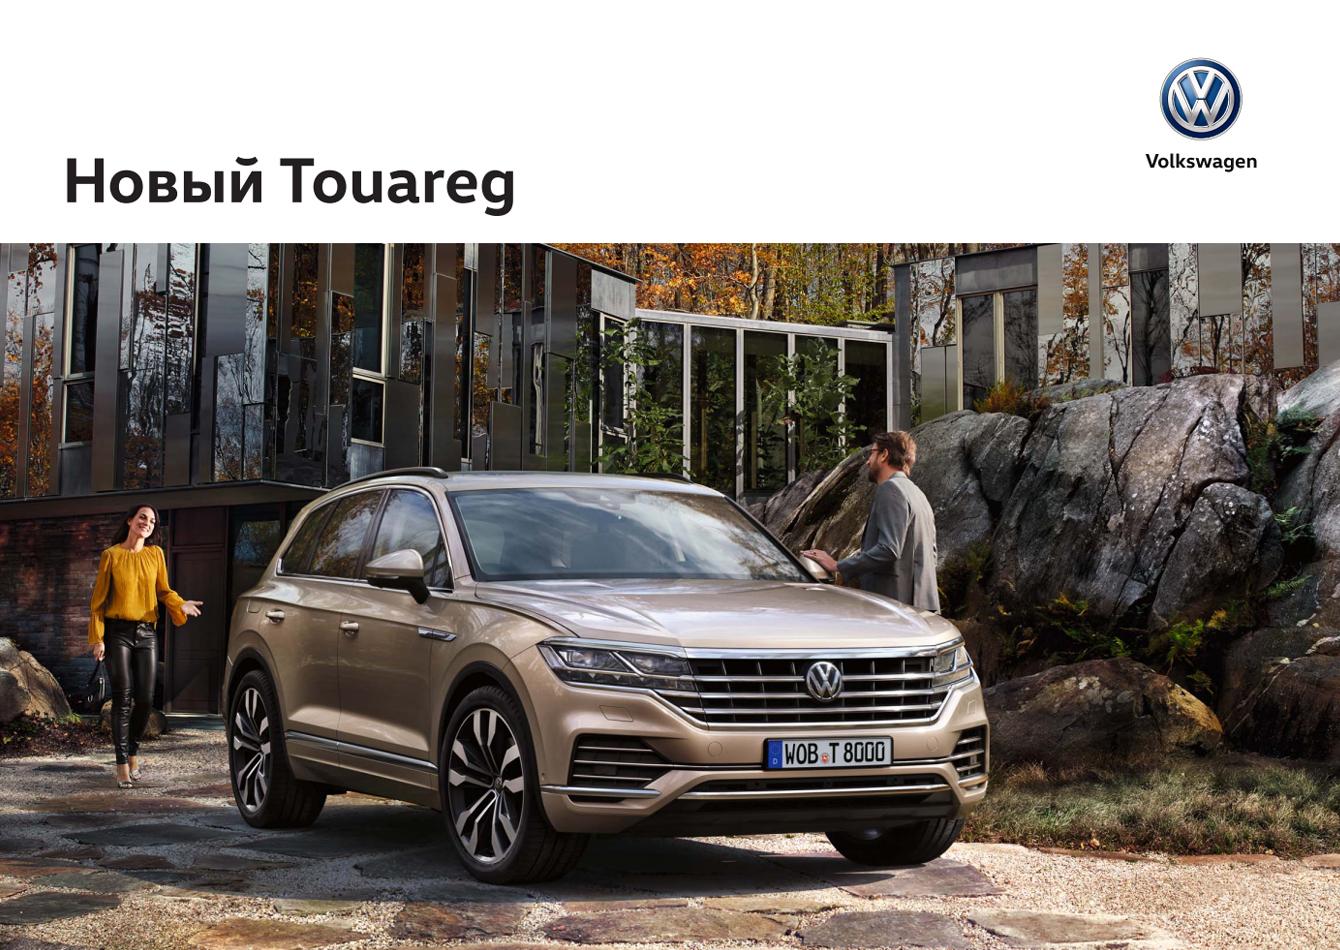 [RU]_VW_Touareg_CR_brochure_2018.jpg